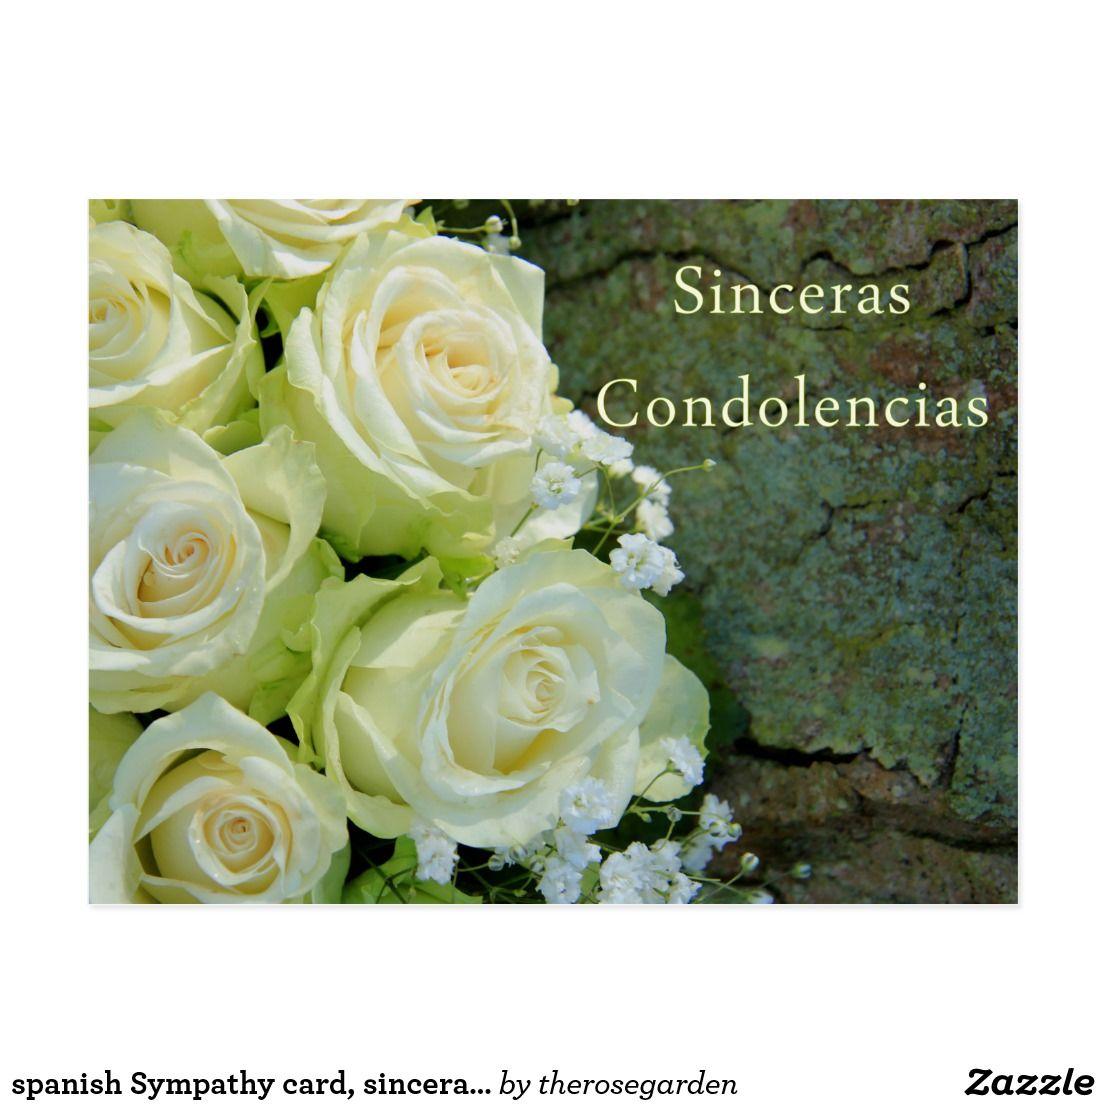 spanish Sympathy card, sinceras condolencias Postcard